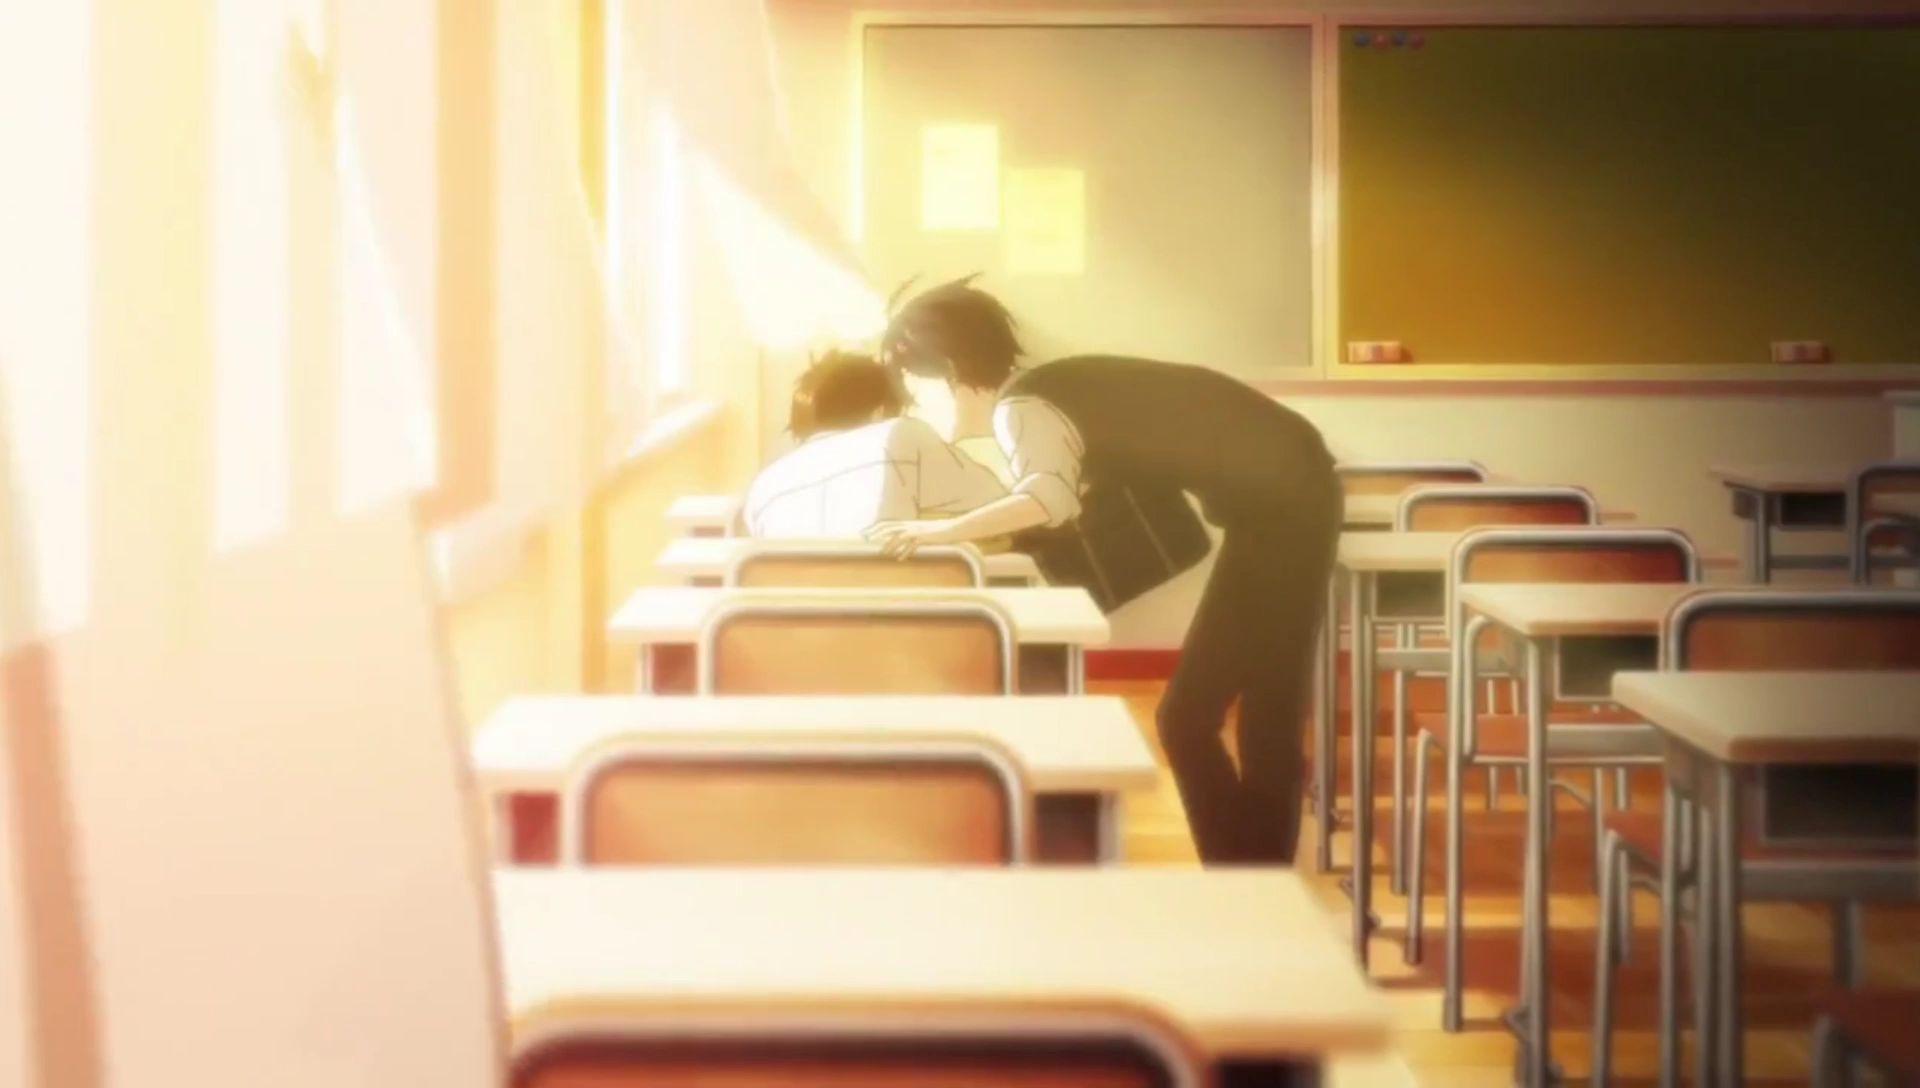 【安利】千万不要爱上直男,太惨了!